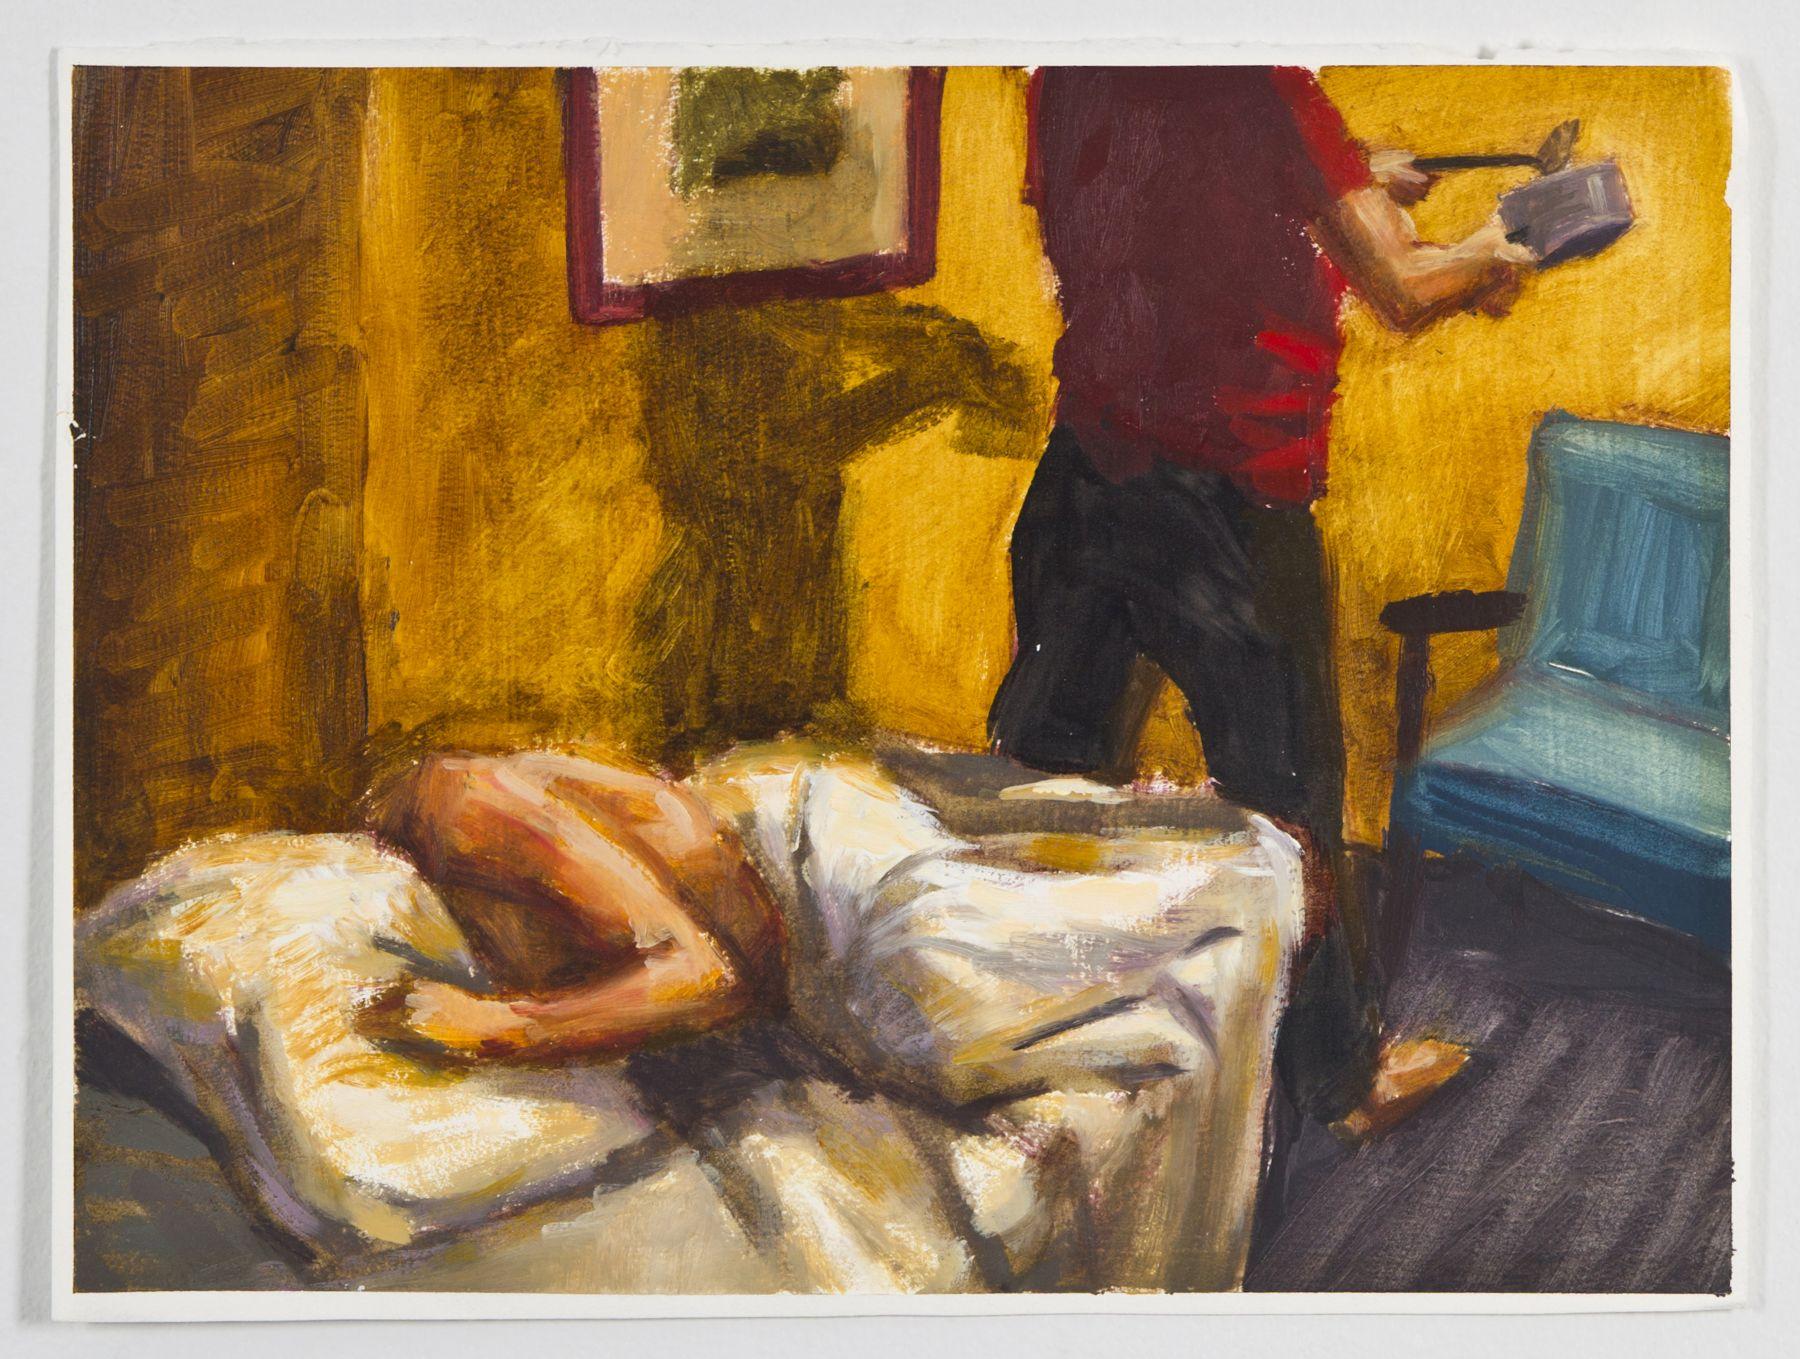 Saucepan, 1988, Oil on gessoed paper